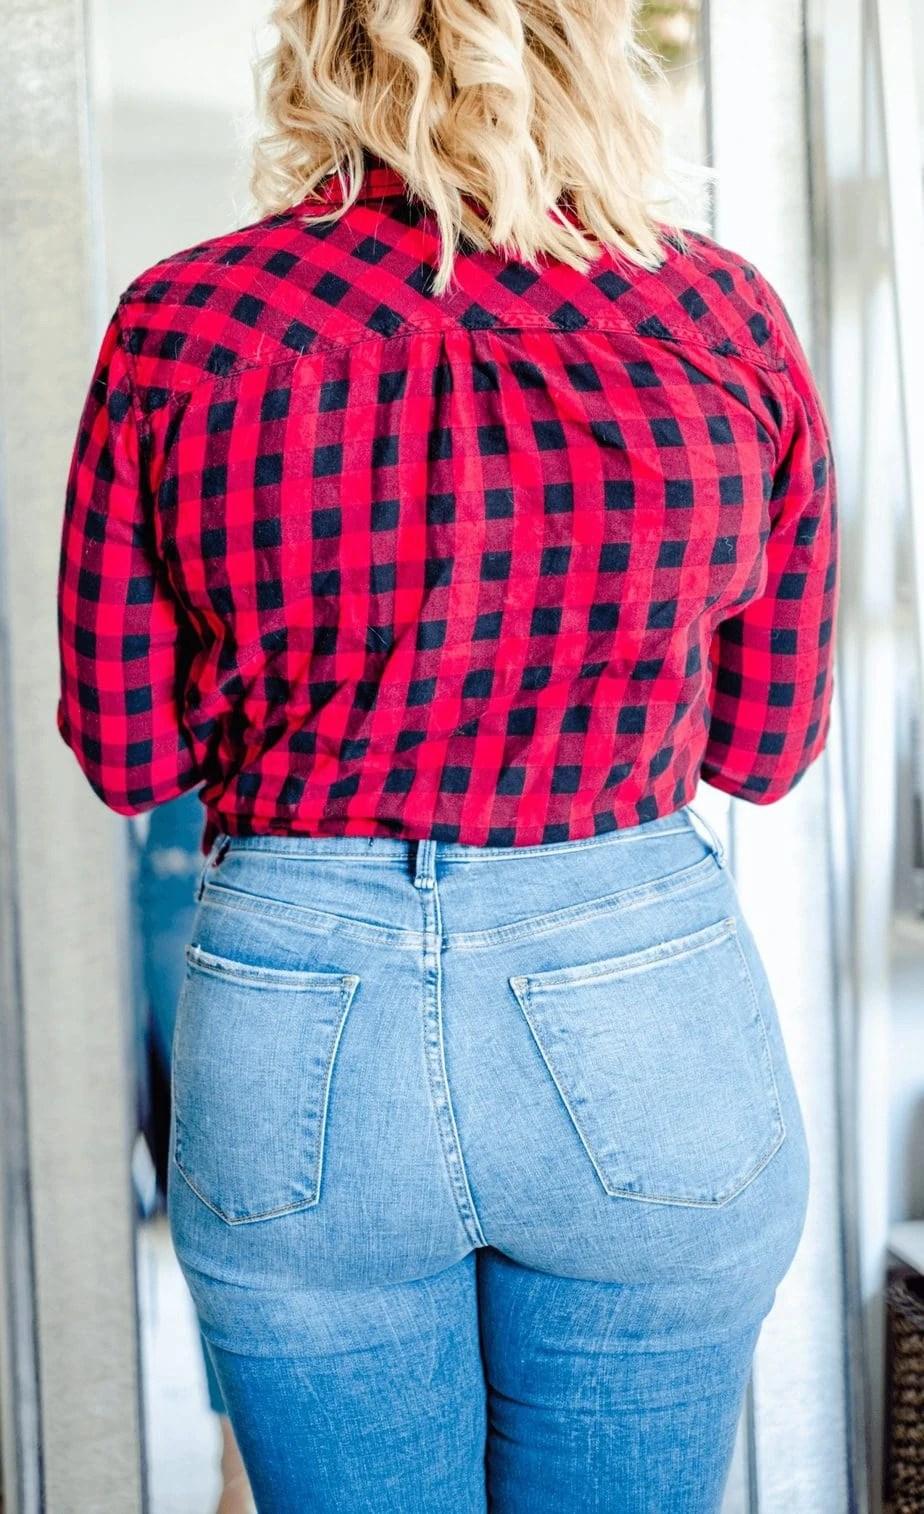 Madewell-Curvy-Jeans-Vs-Abercrombie-Curvy-Jeans-whatsavvysaid-petitecurves-petitestyle-madewell